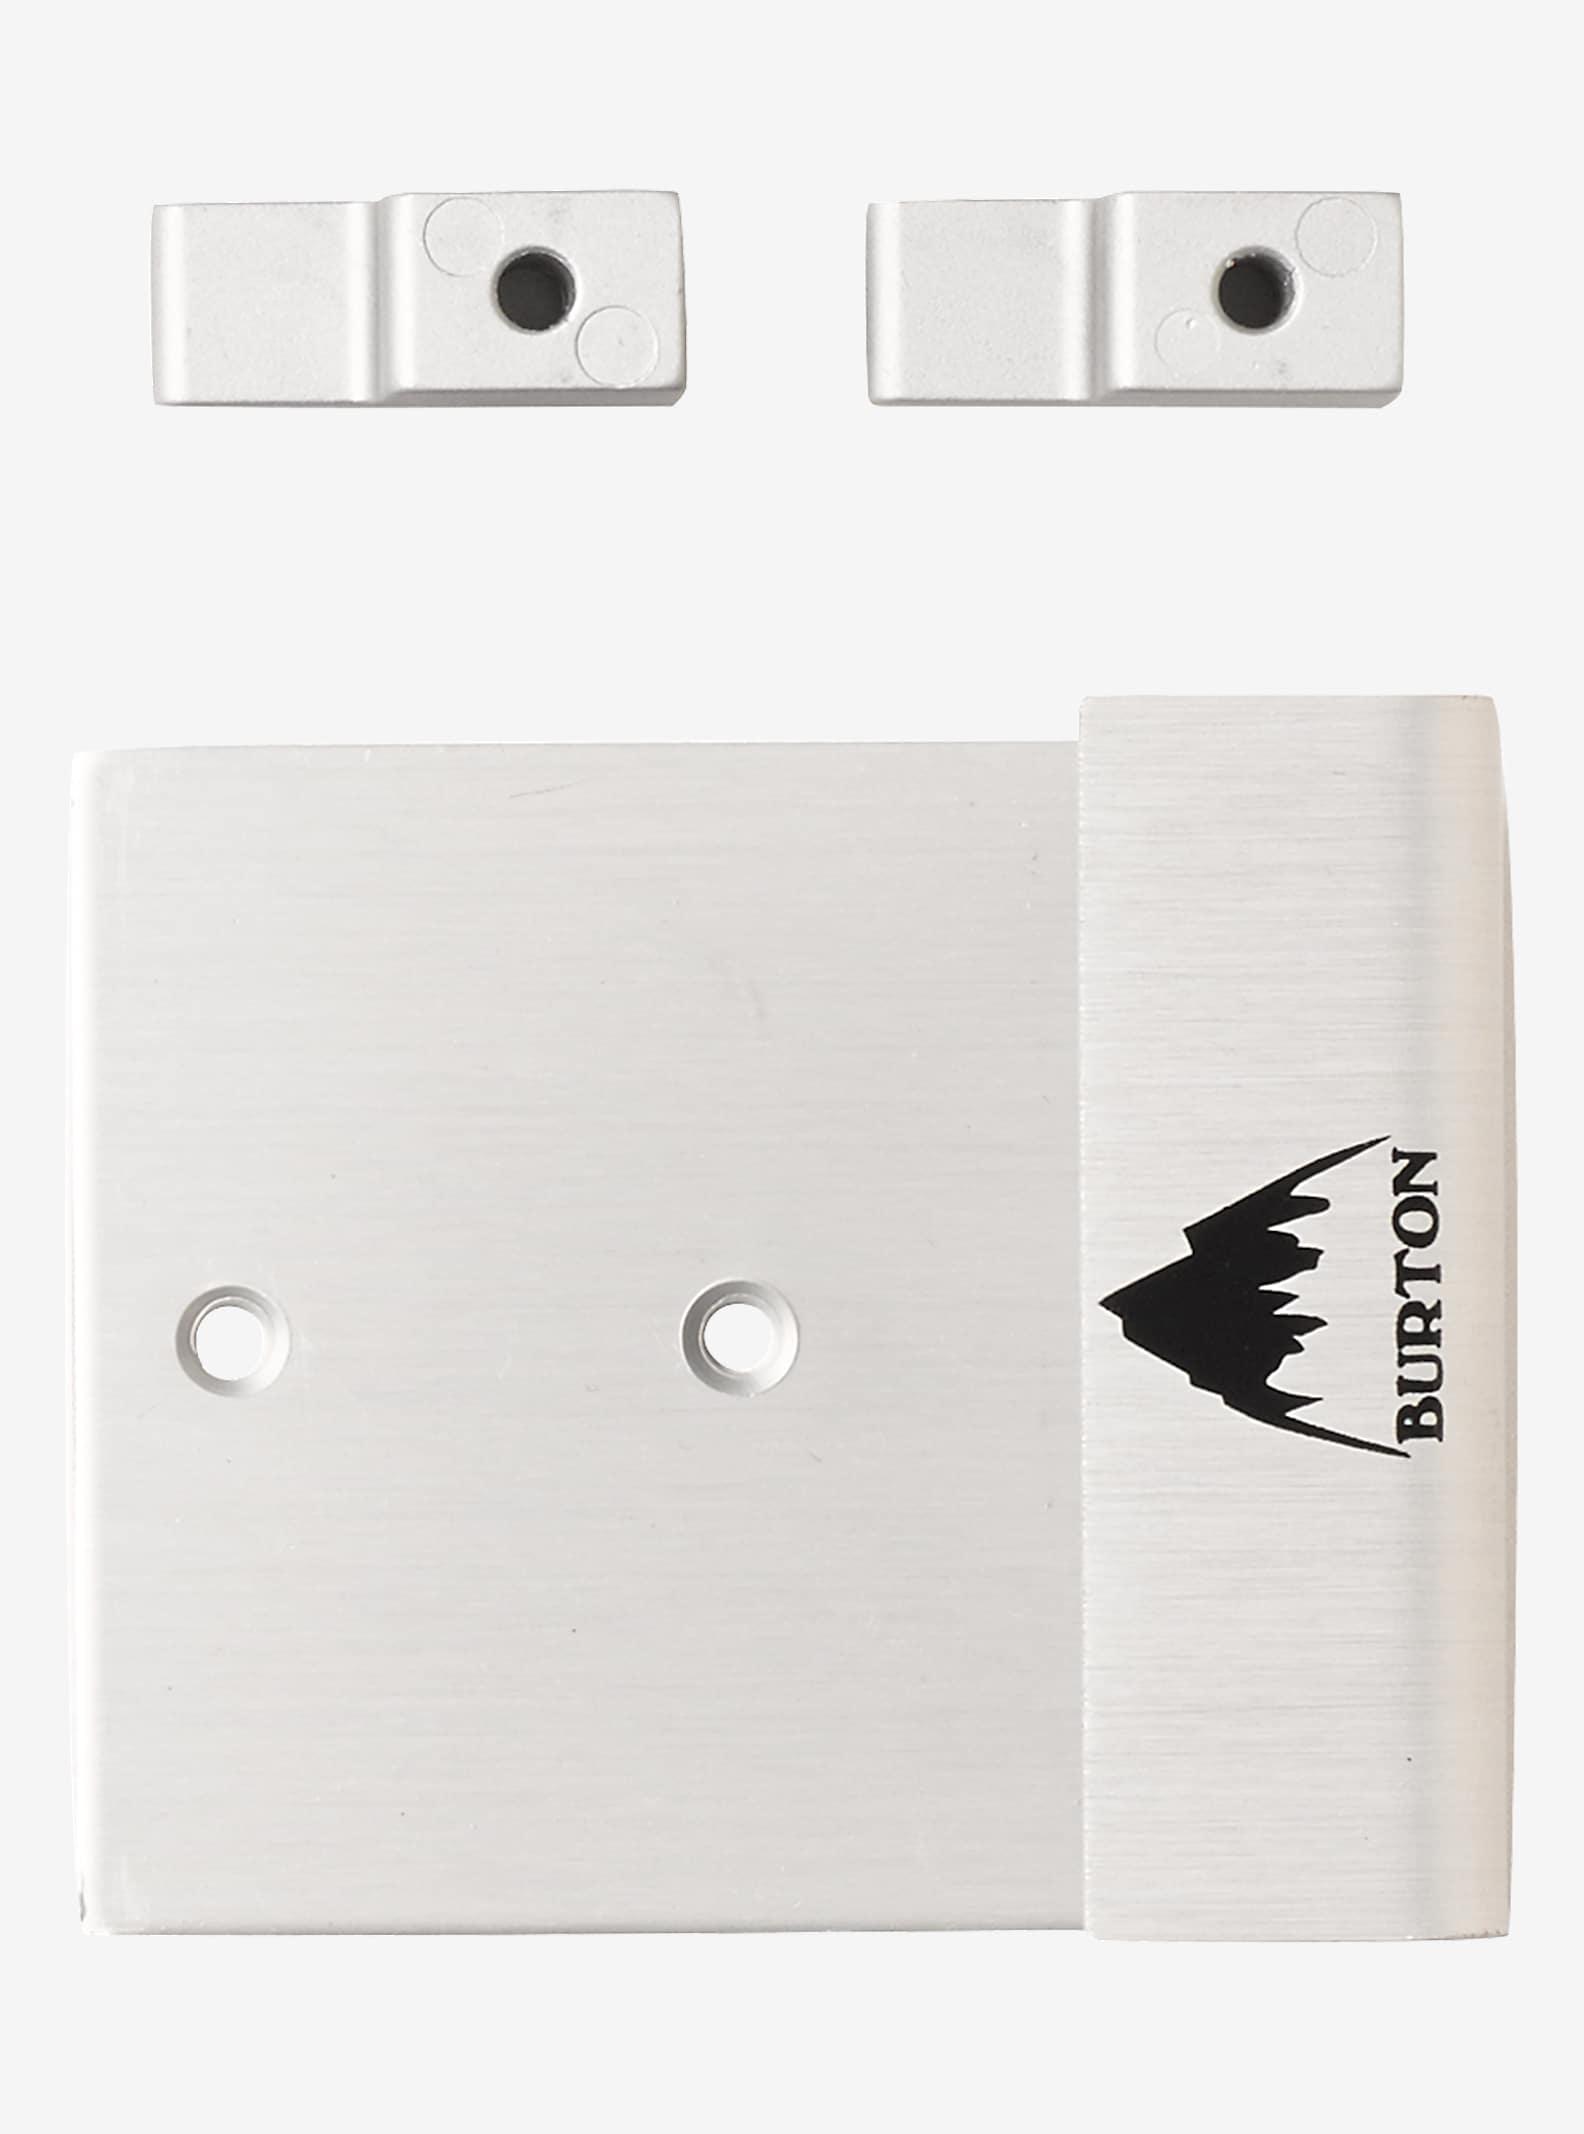 Burton Collector's Edition Snowboard-Wandhalterungen angezeigt in Silver